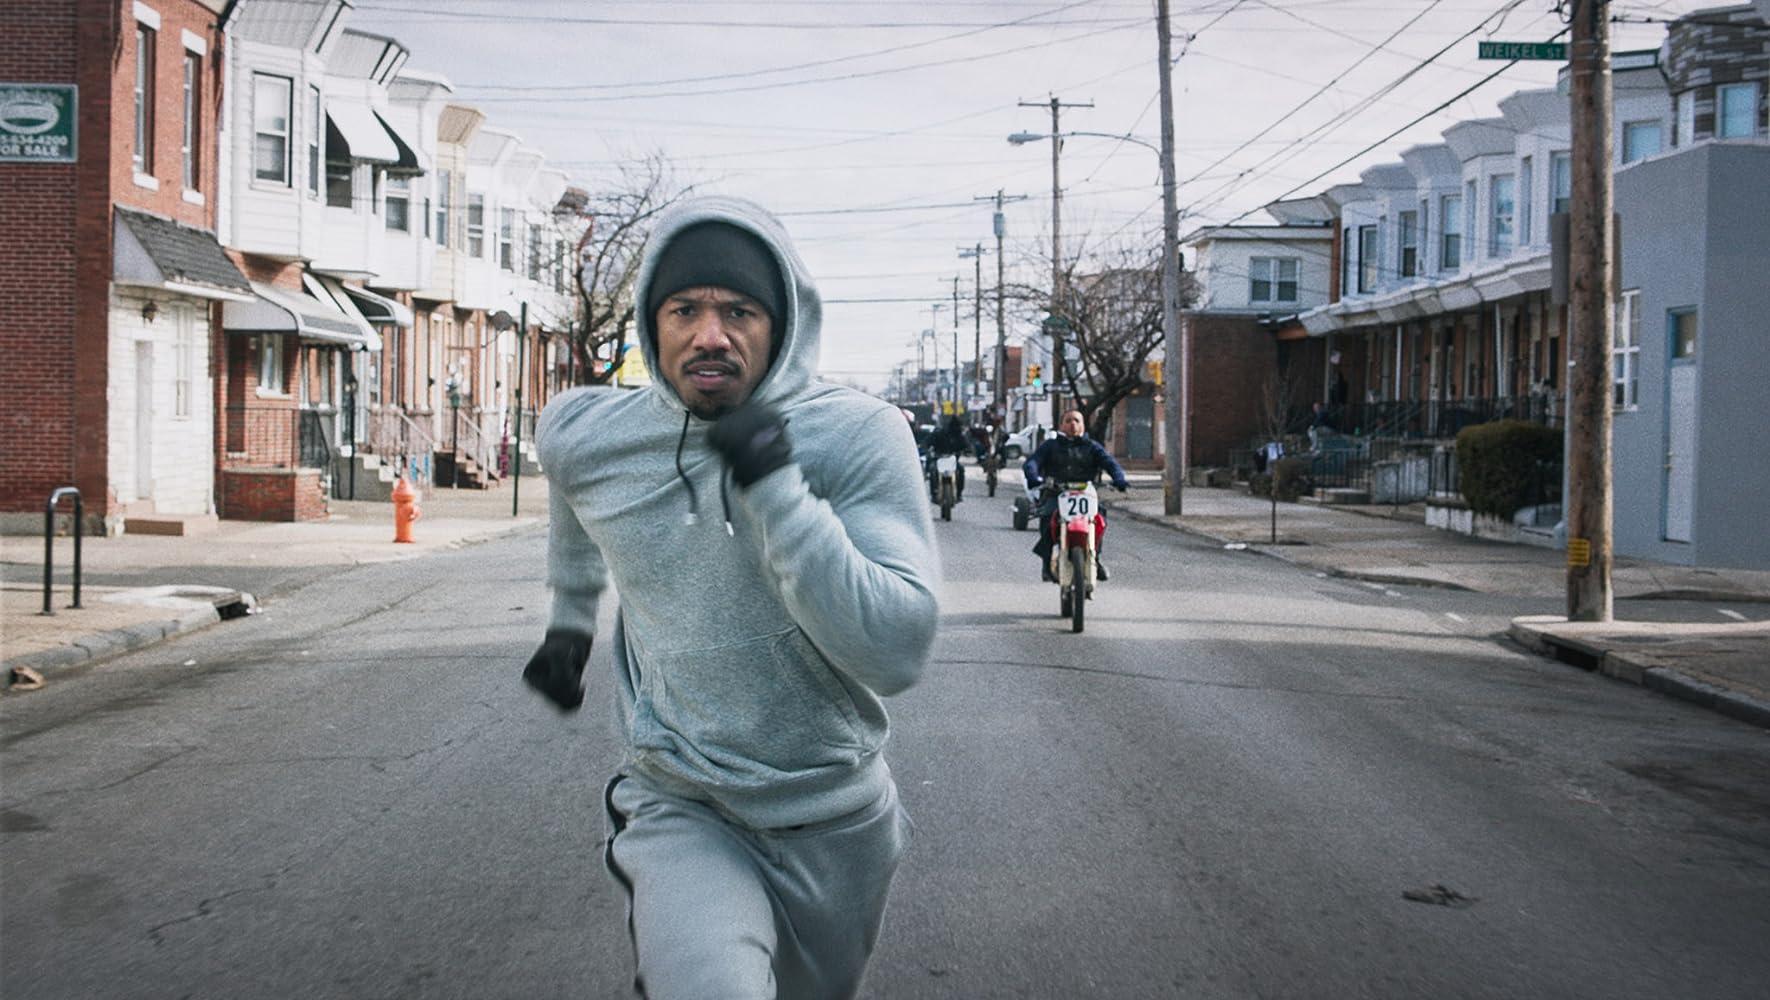 Michael B. Jordan in Creed (2015)